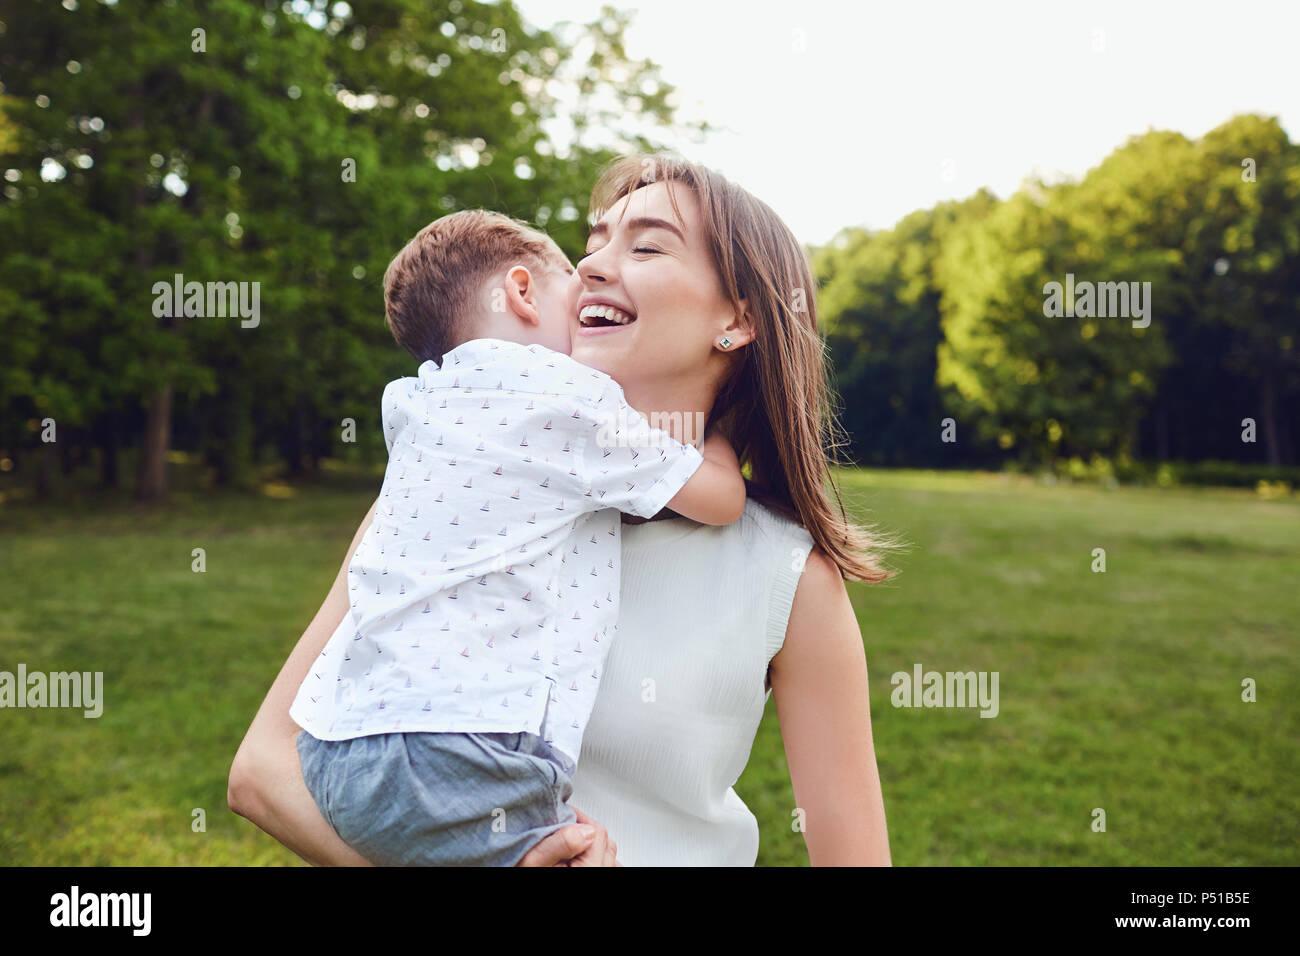 Madre e hijo se abrazan en el parque. Imagen De Stock